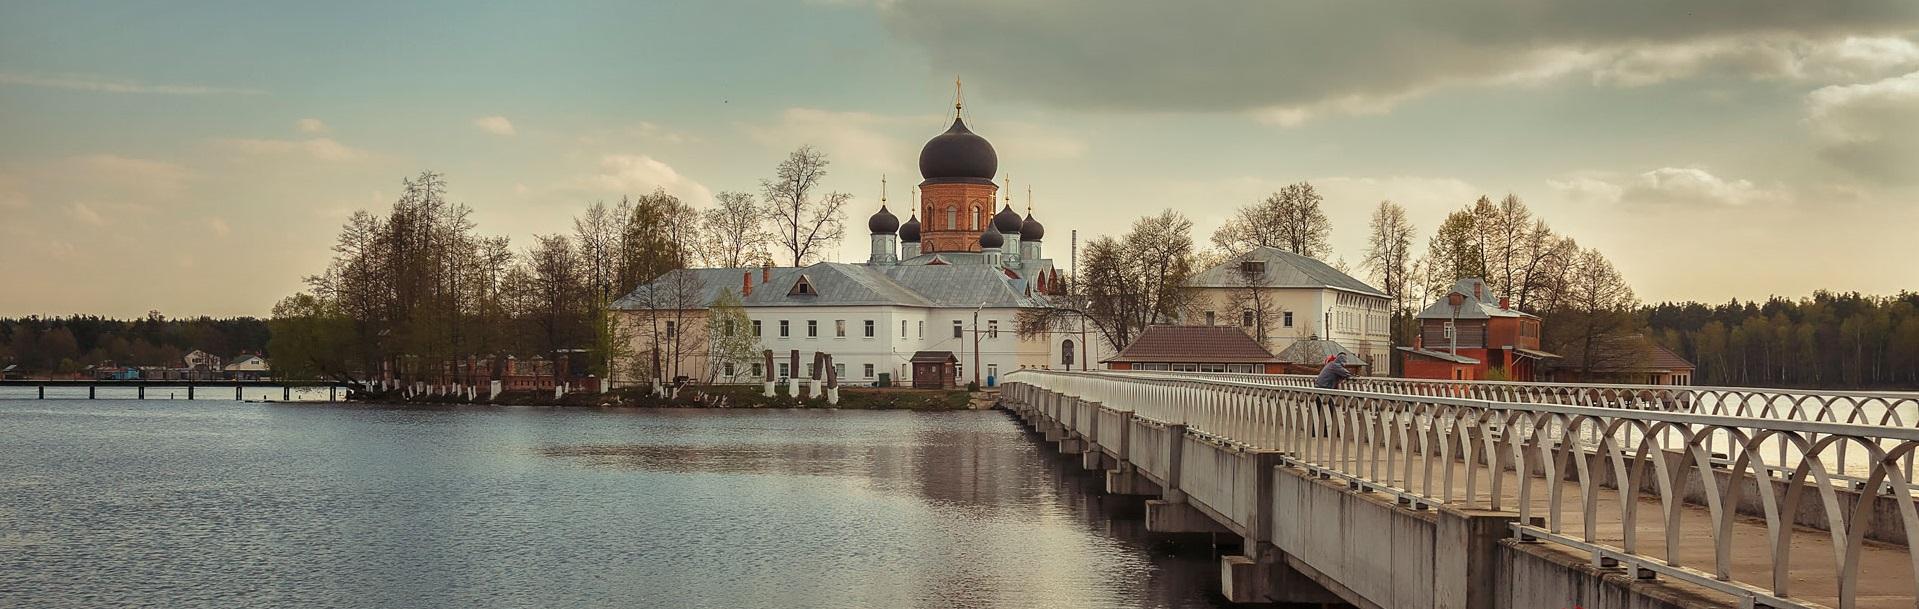 Грузоперевозки из Москвы в Покров